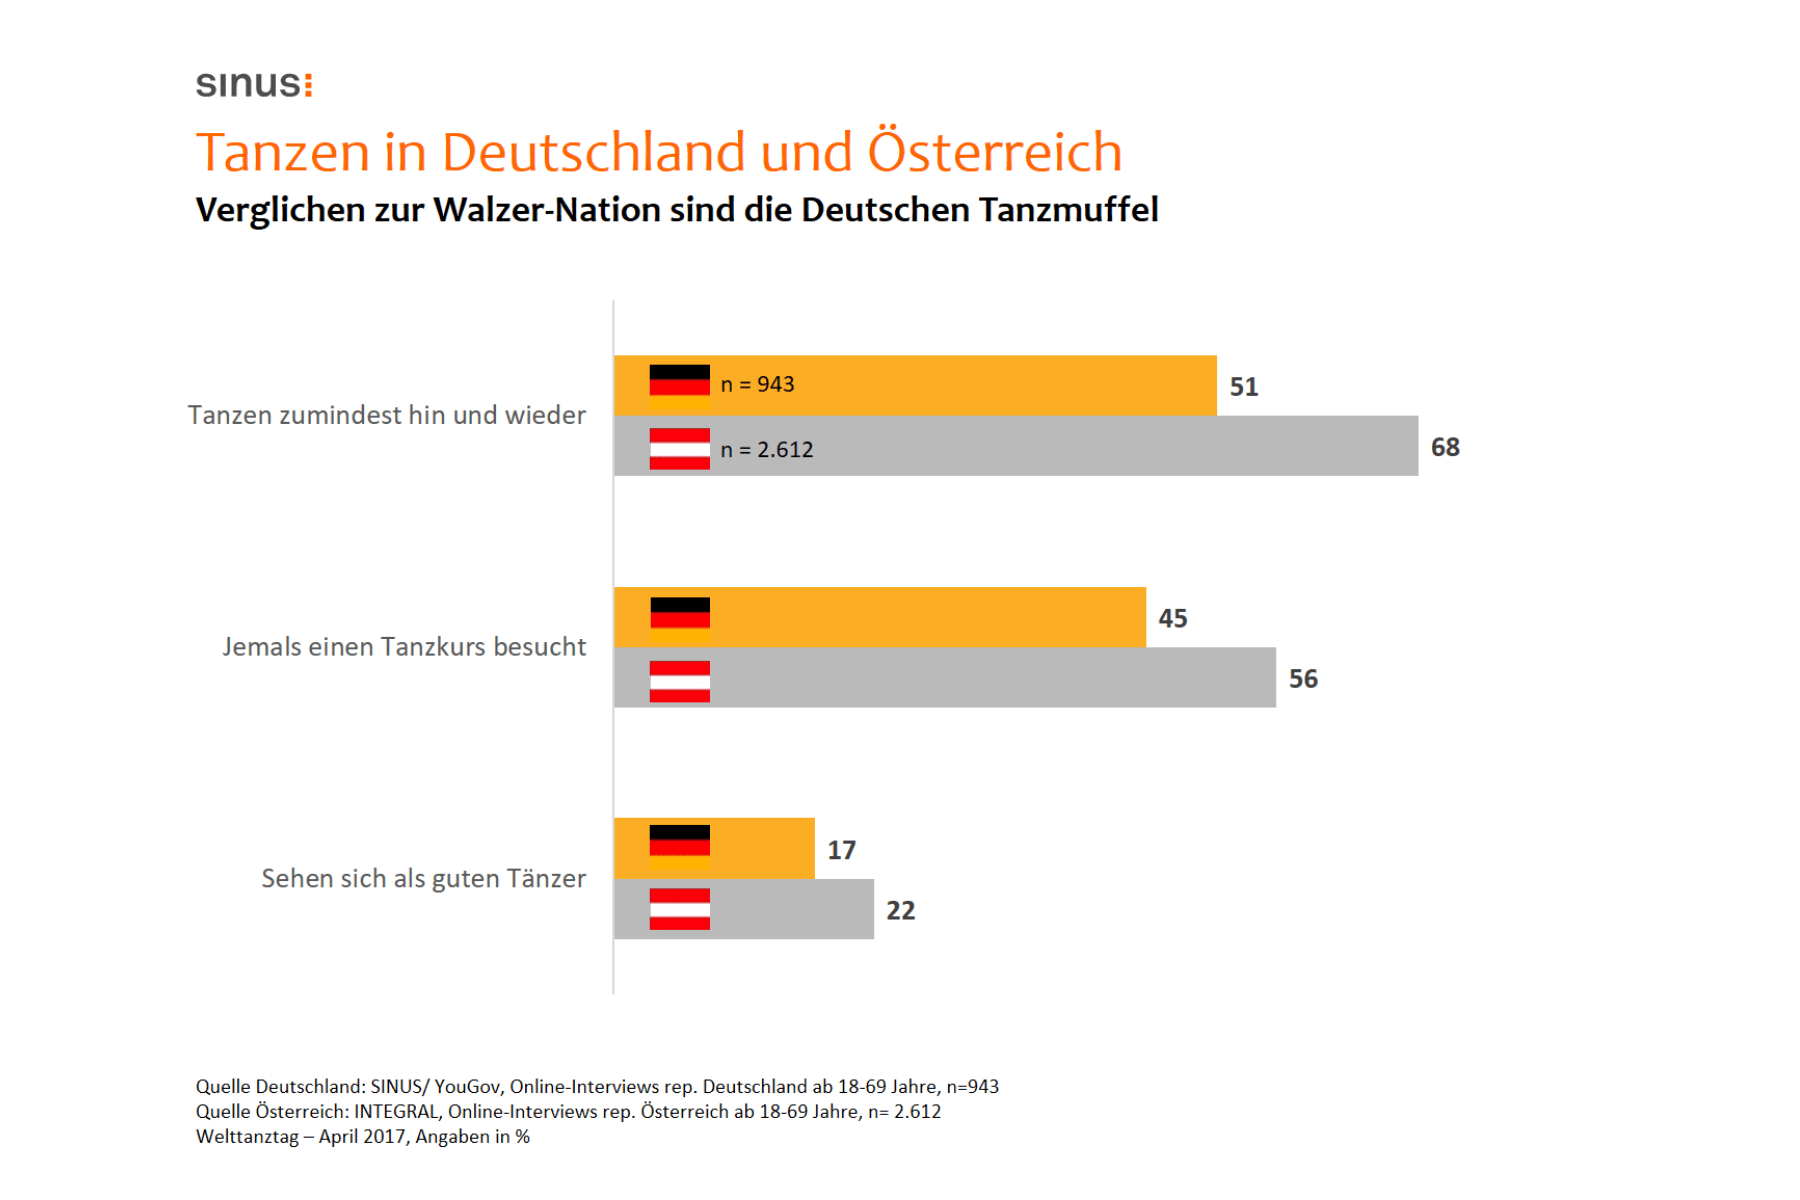 Die Hälfte der Deutschen tanzt – Disco-Tänze am beliebtesten